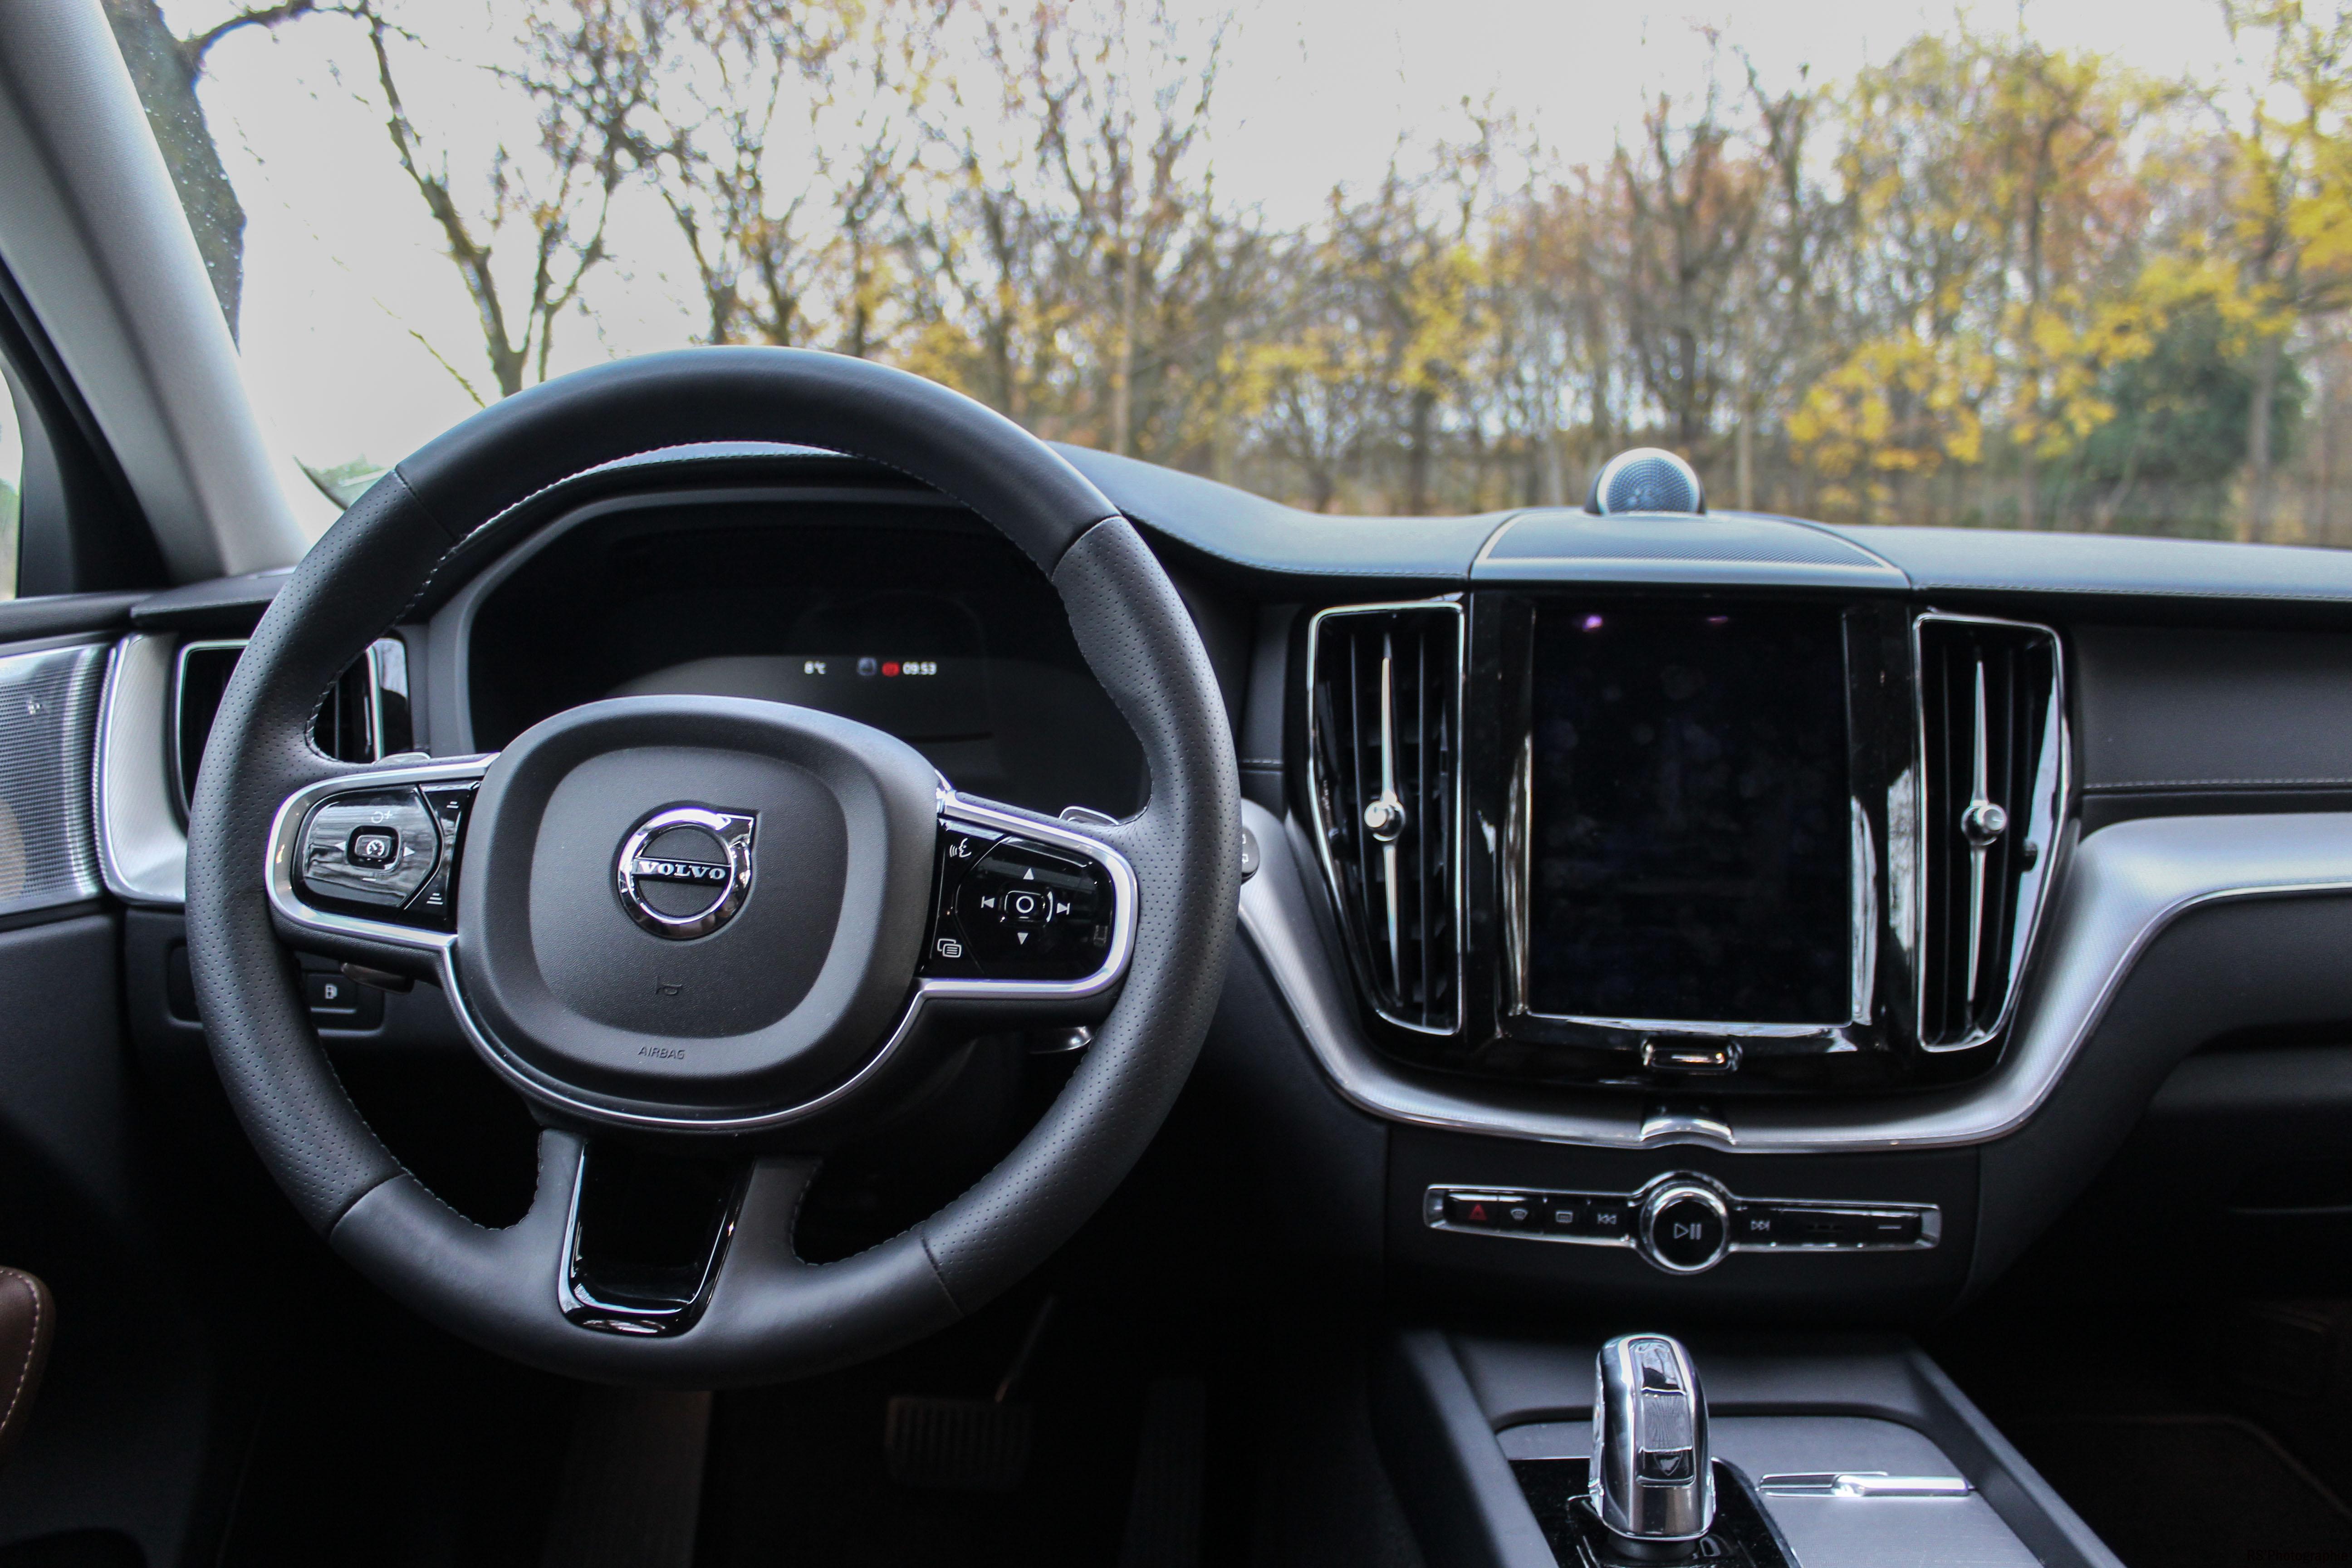 Volvo xc60 t8 hybride le nouveau hybride rechargeable for Volvo xc60 interieur